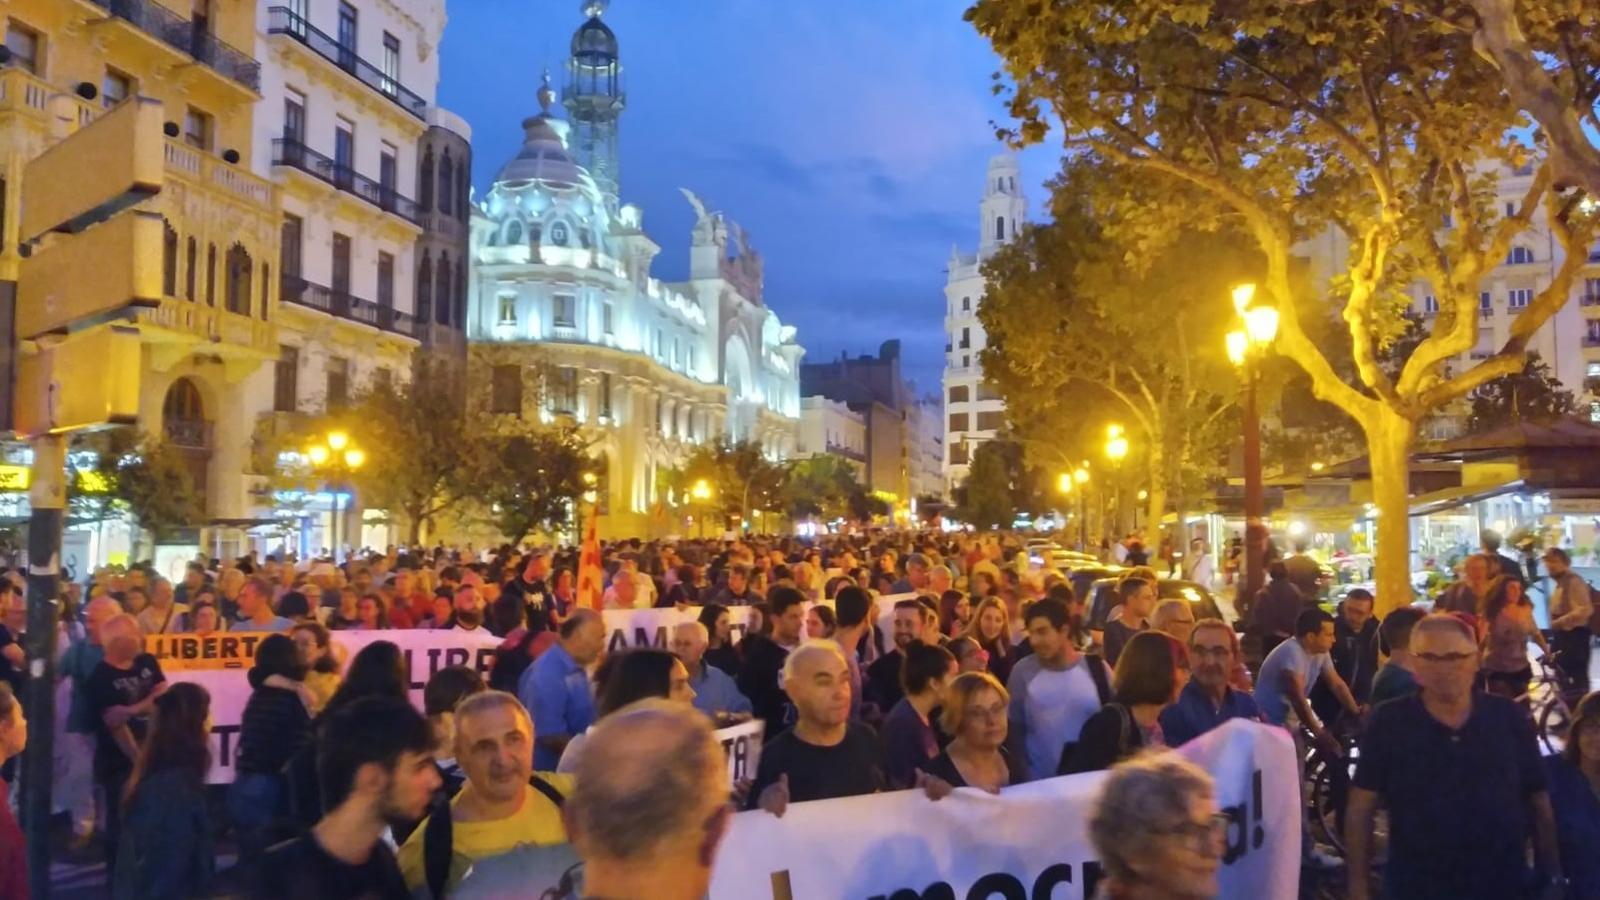 Importants concentracions al País Valencià per rebutjar les condemnes als líders independentistes catalans